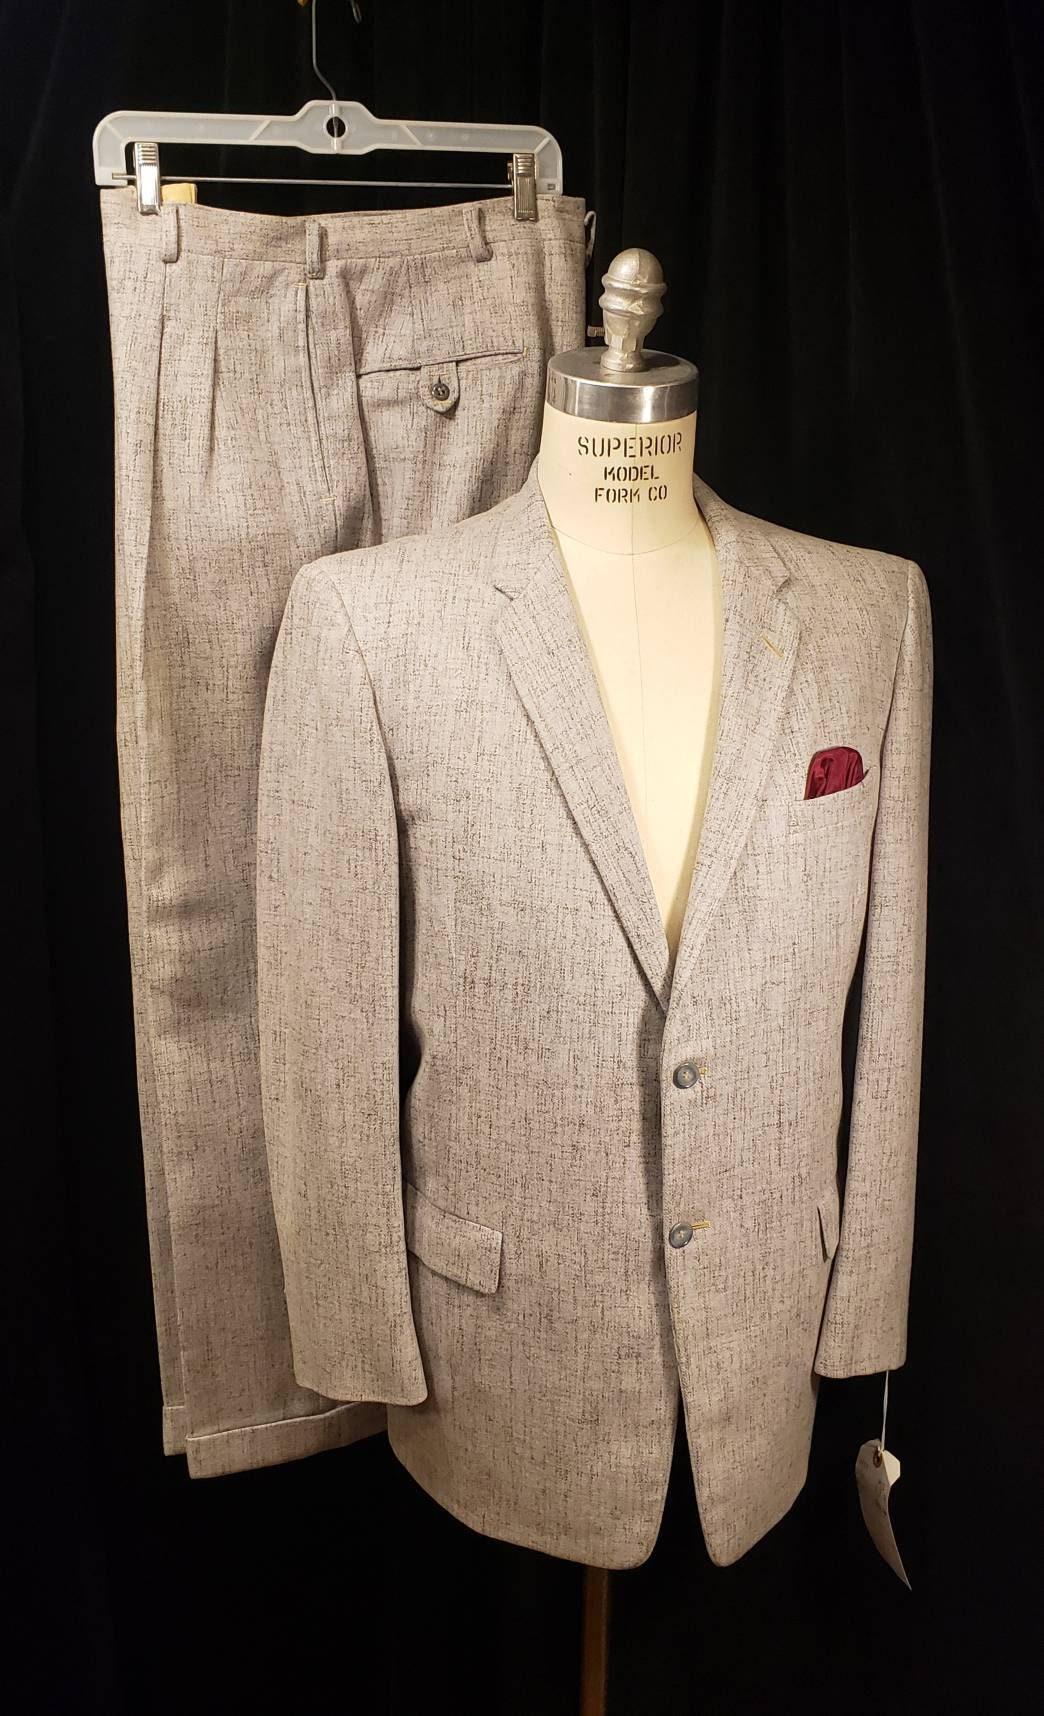 1950s Mens Suits & Sport Coats   50s Suits & Blazers Vintage  Mens Beautiful Fleck 1950S Suit Robert Hall High Rise Trousers Pleats L@@k $97.45 AT vintagedancer.com